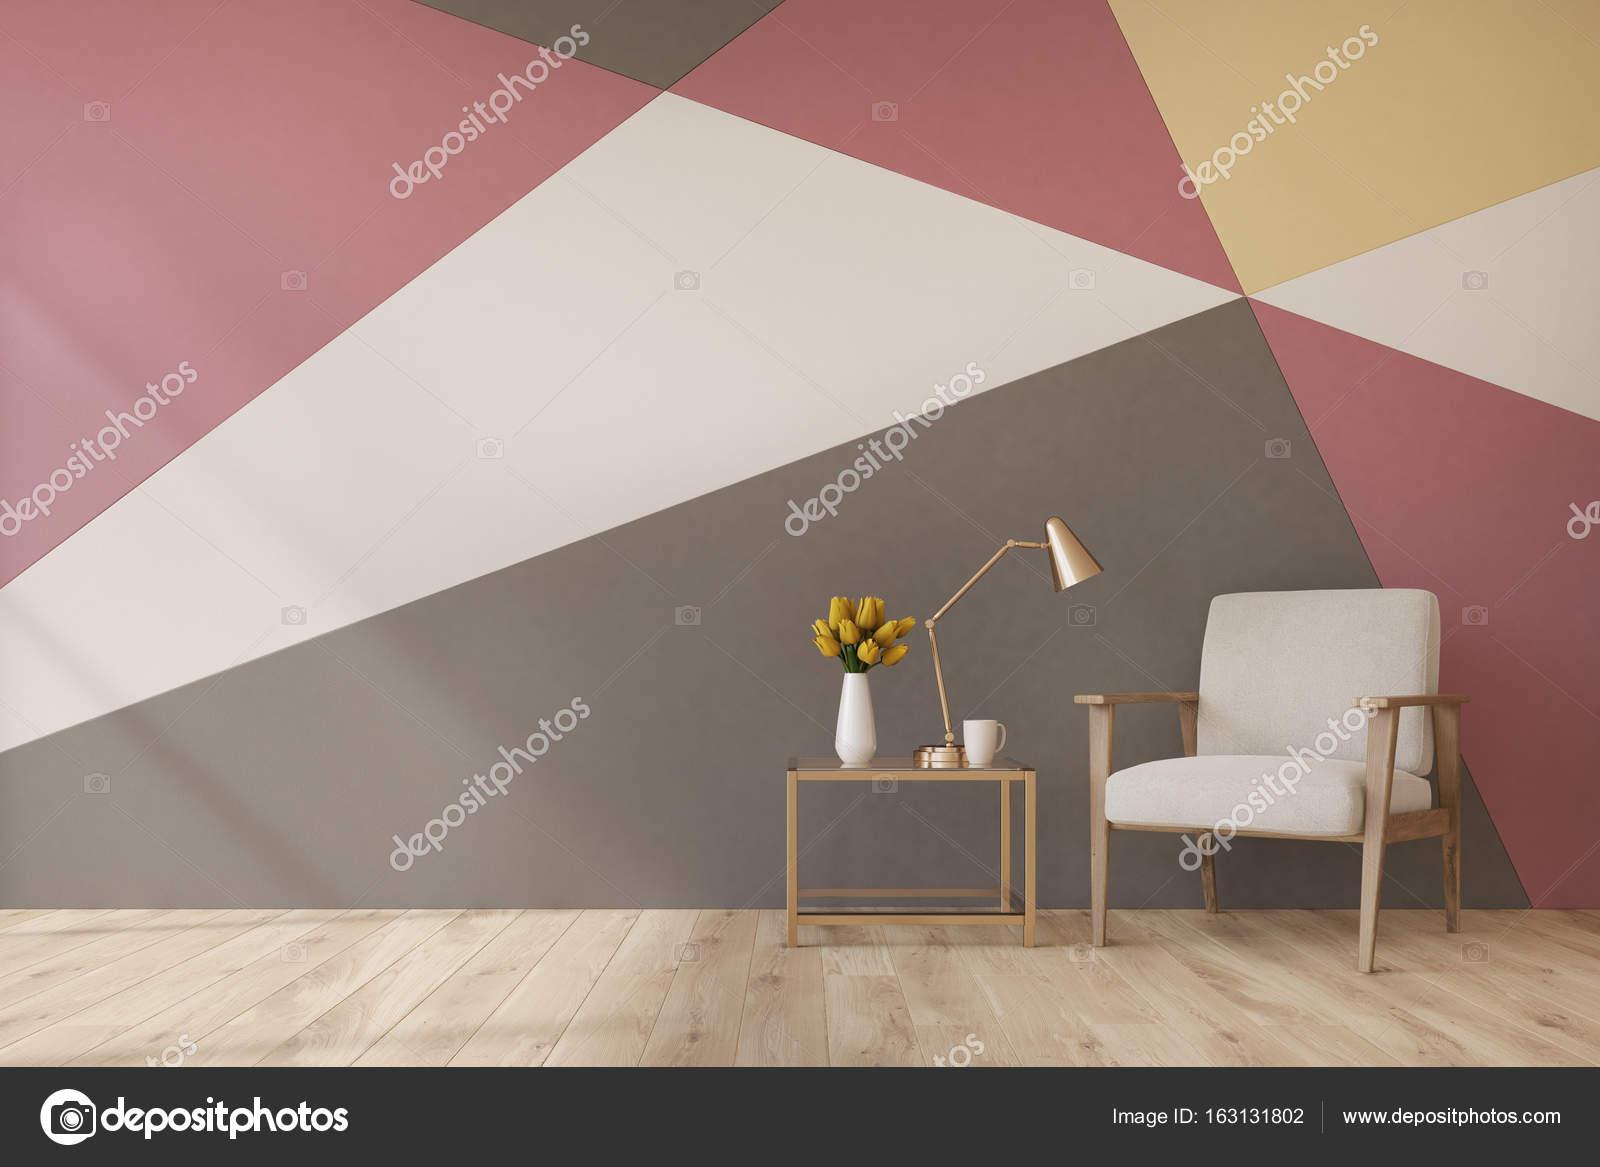 Verführerisch Muster Wand Das Beste Von Wohnzimmer Innenraum Mit Eine Weiße, Rote, Gelbe